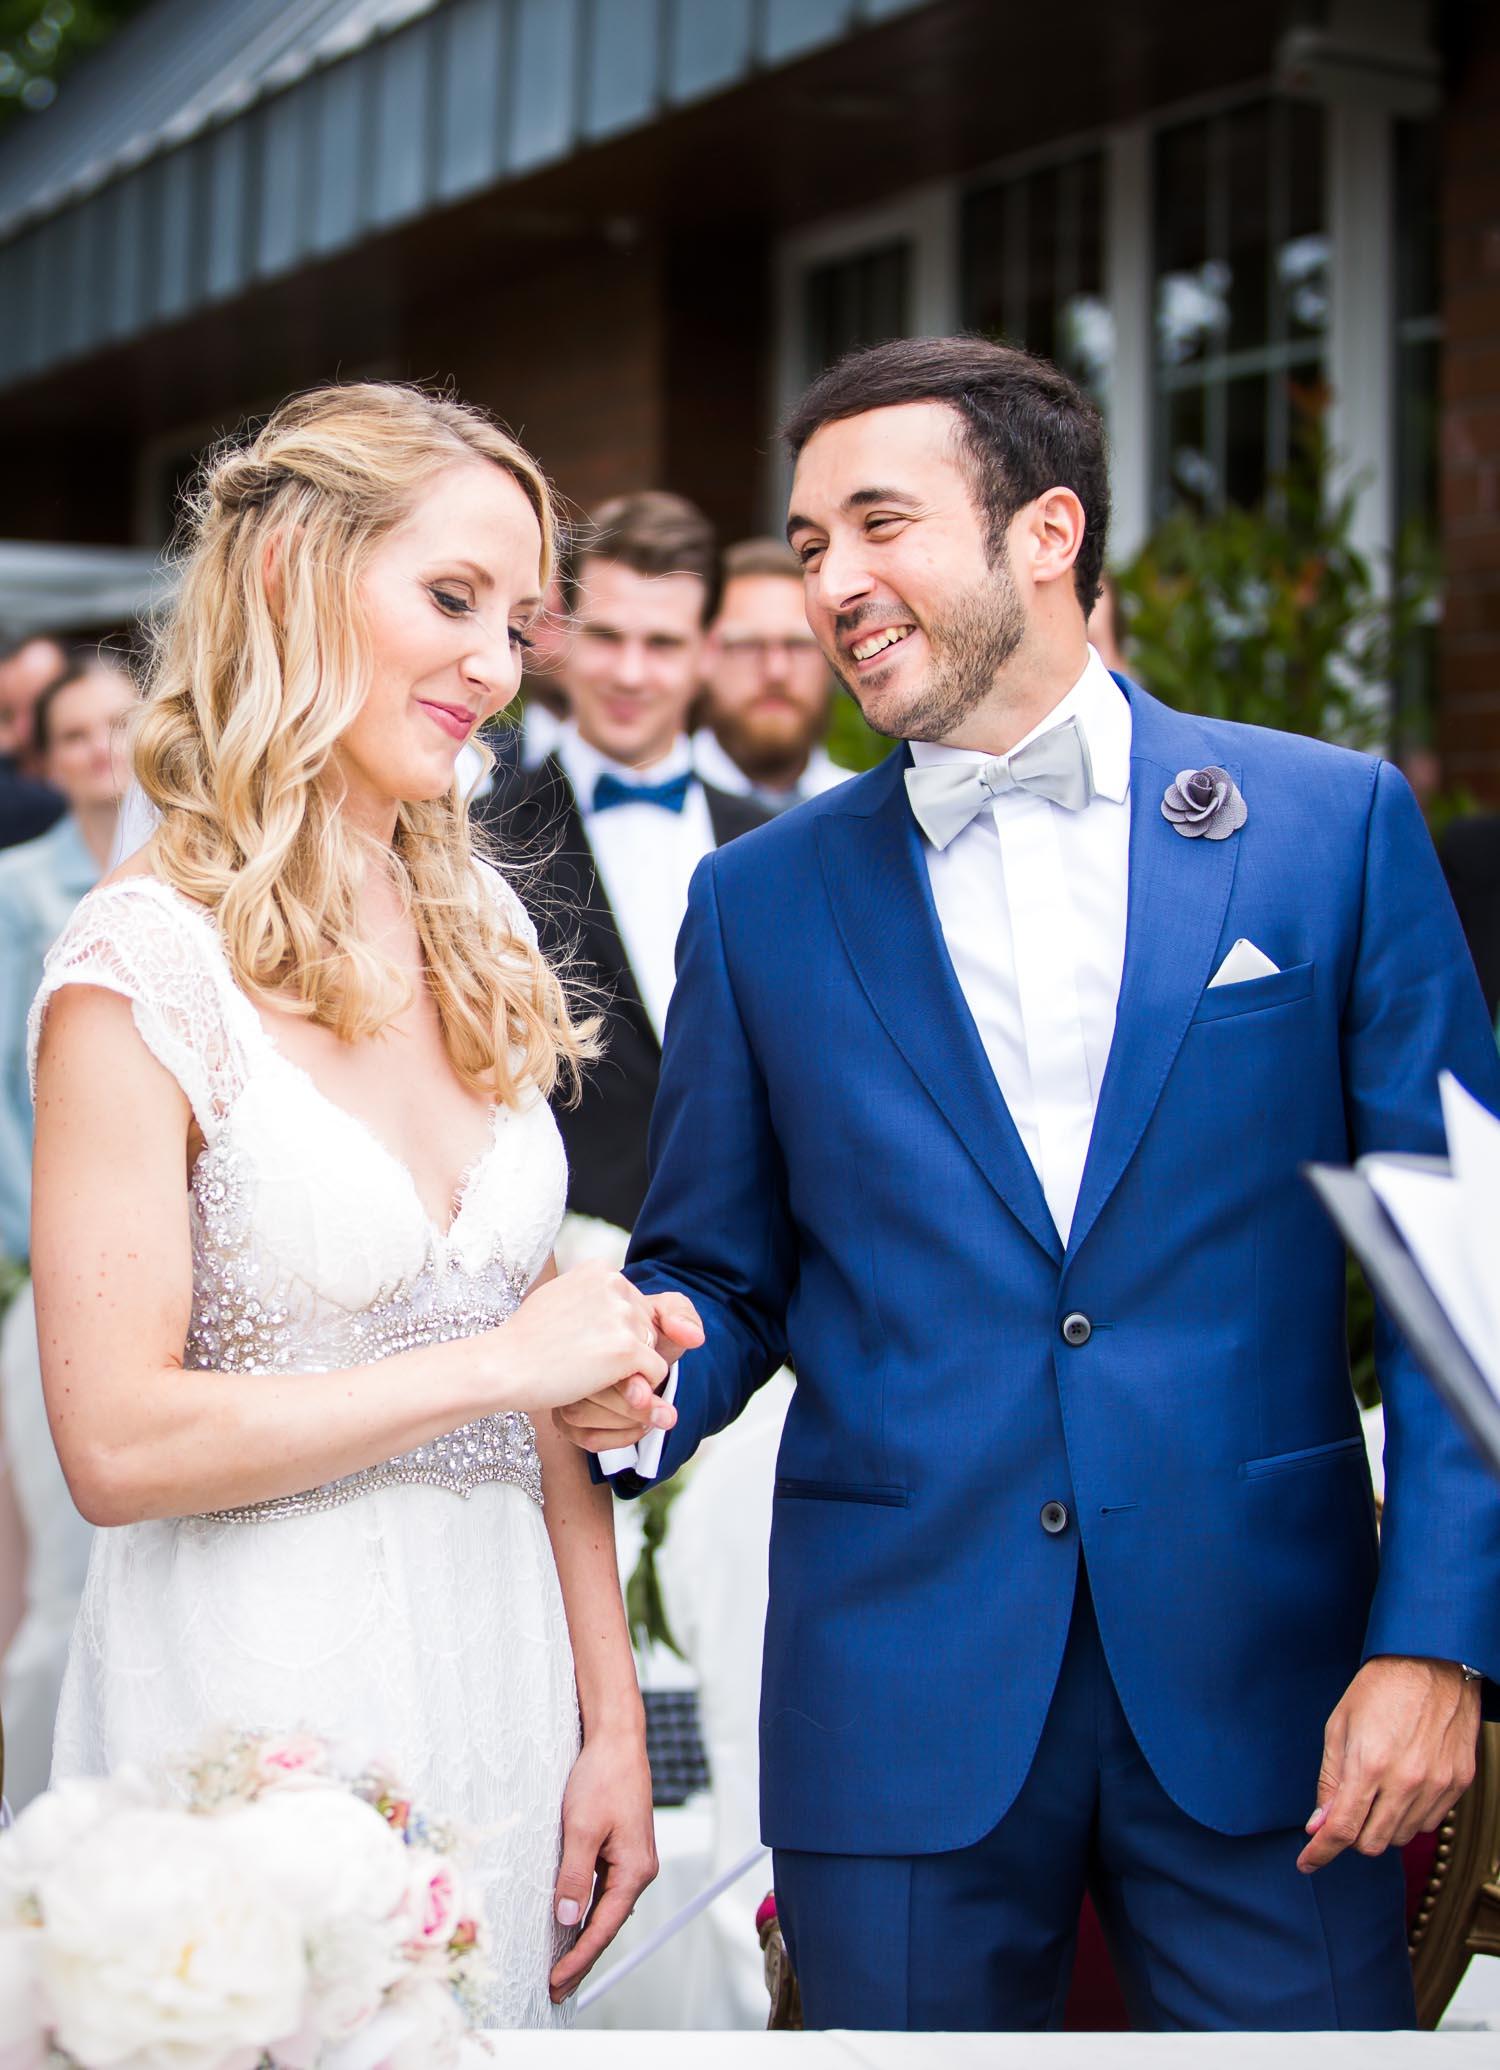 Hochzeitsfotografie dorinamilas beitrag frau immer herr ewig 37  – gesehen bei frauimmer-herrewig.de